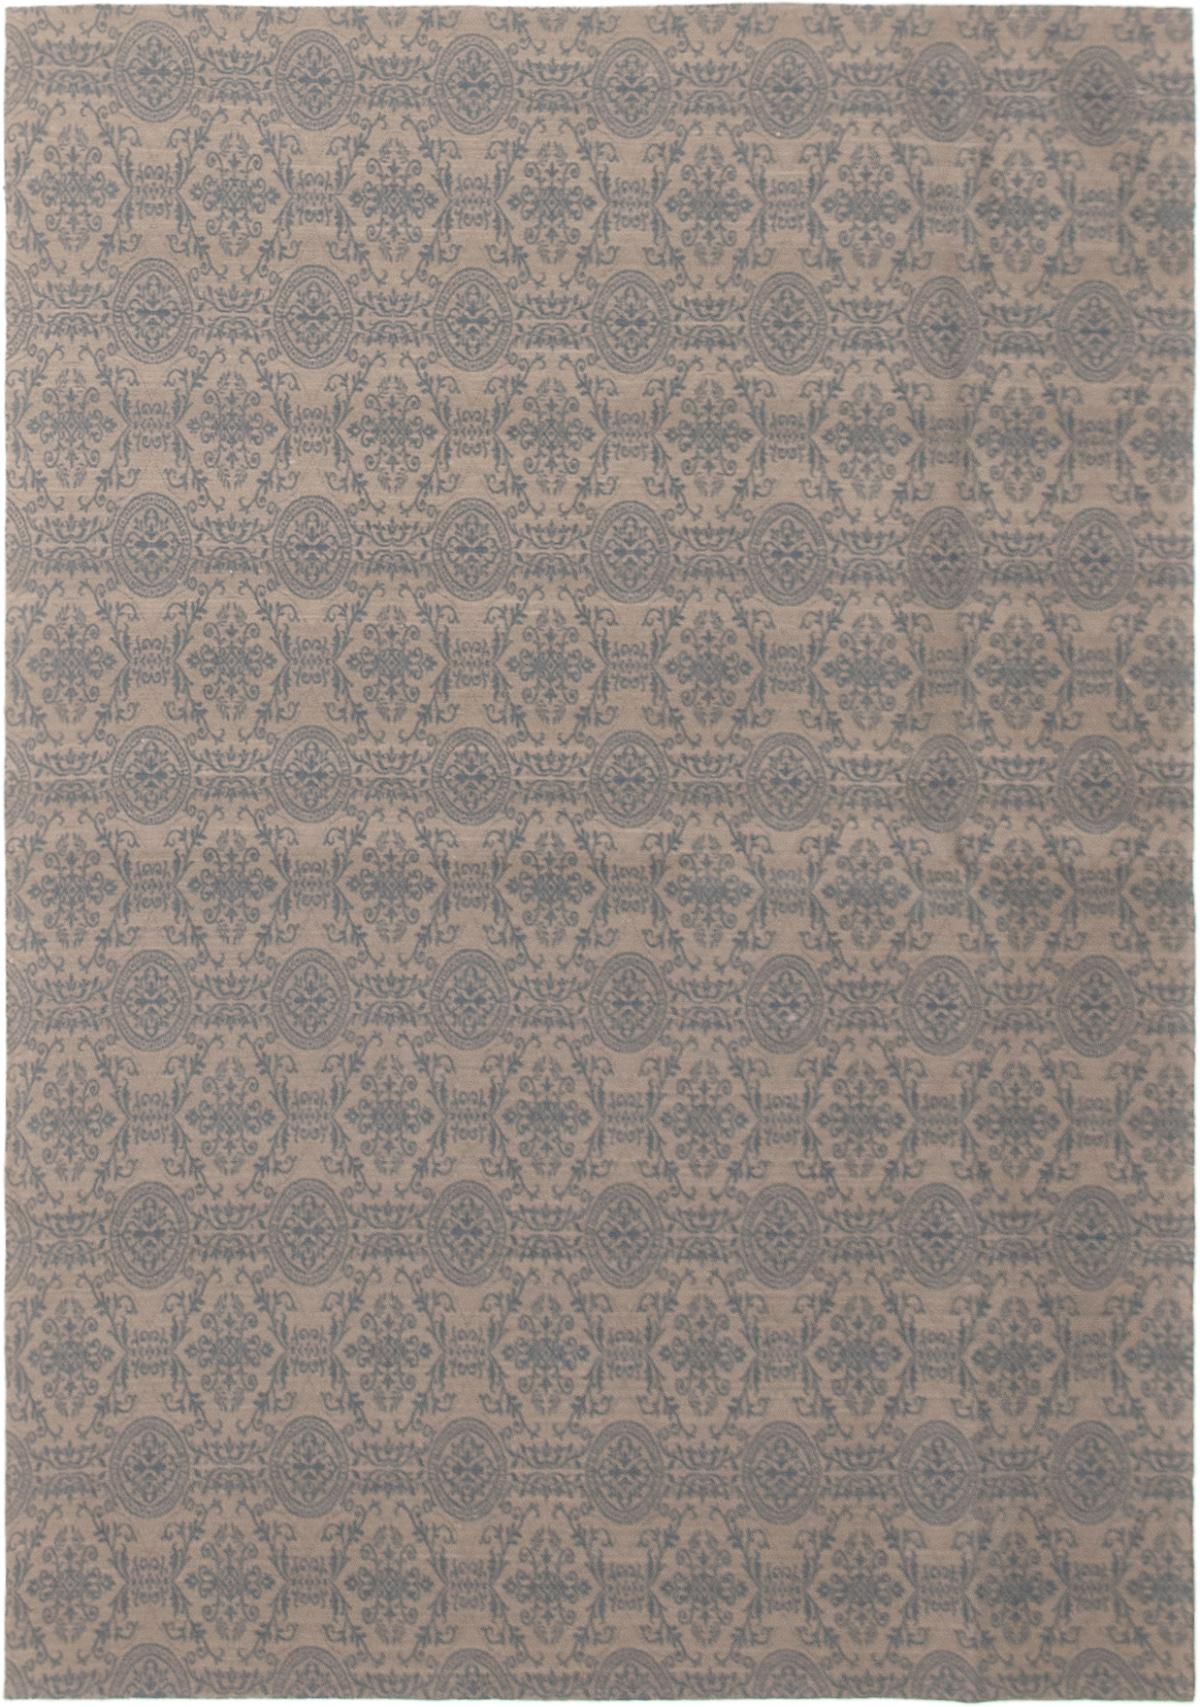 """Handmade Collage Dark Grey, Dark Navy Chenille Rug 4'9"""" x 6'9""""  Size: 4'9"""" x 6'9"""""""